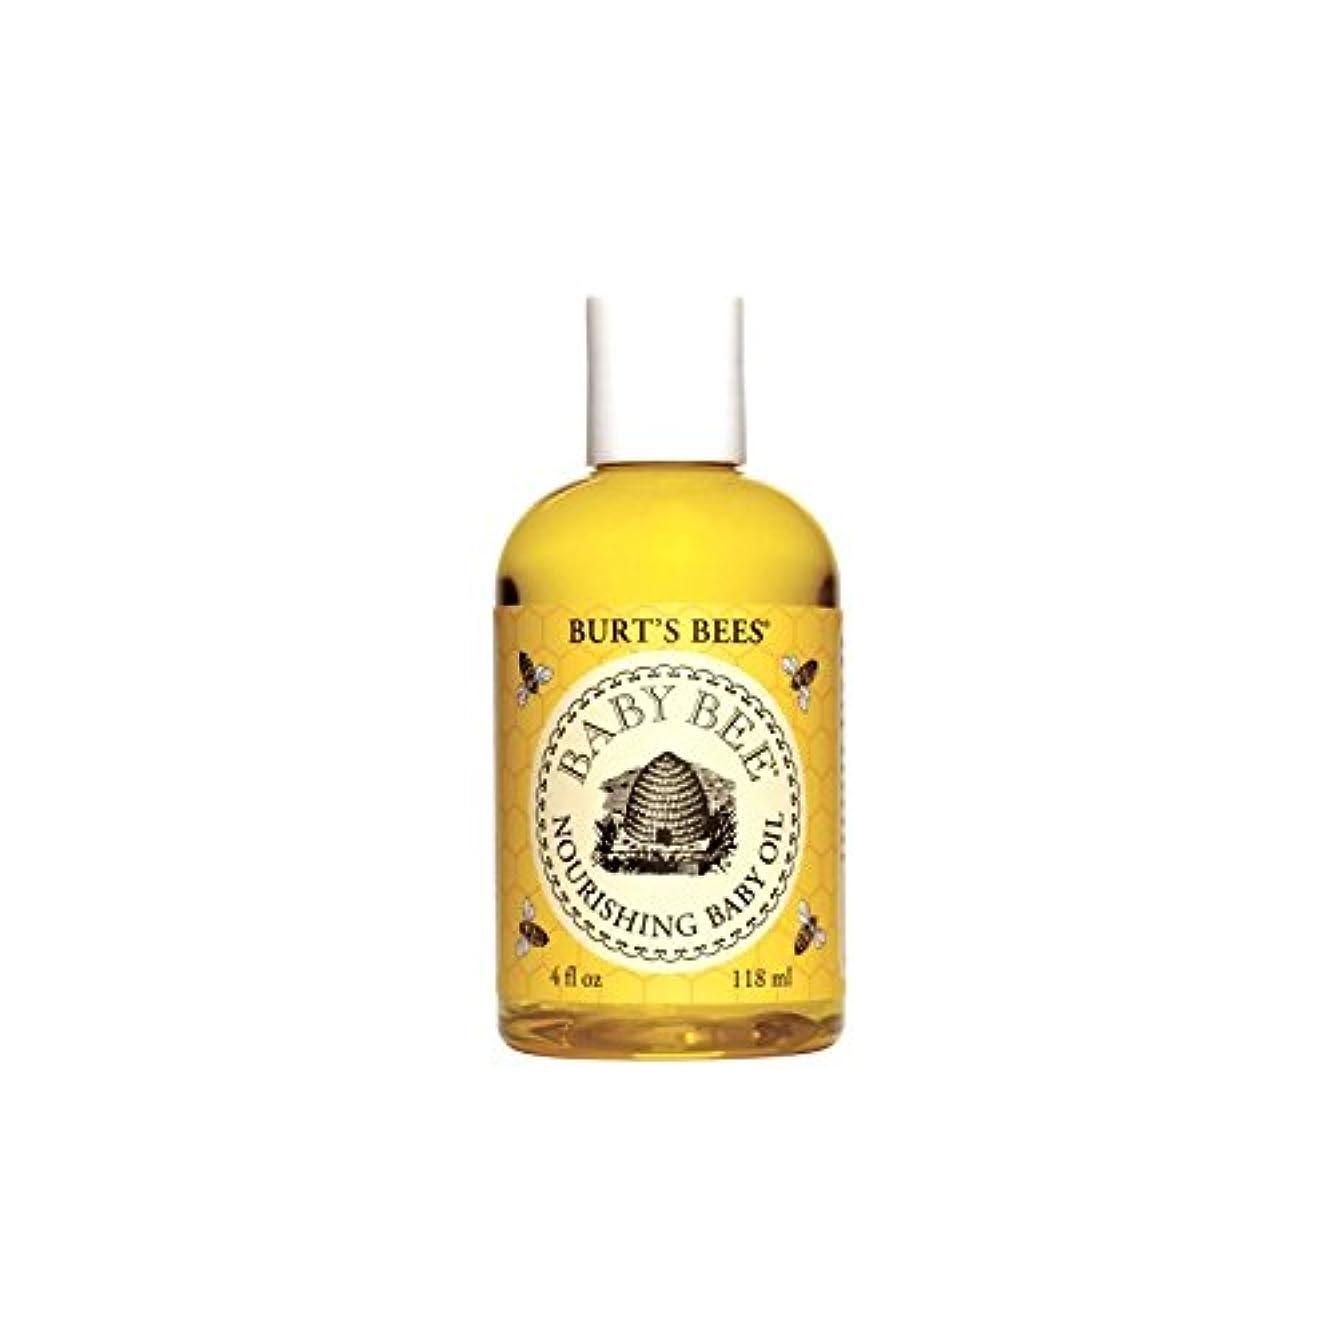 決定ラケット国民Burt's Bees Baby Bee Nourishing Baby Oil (4 fl 0z / 118ml) (Pack of 4) - バーツビー赤ちゃん蜂栄養ベビーオイル(4フロリダ州0 / 118ミリリットル) x4 [並行輸入品]